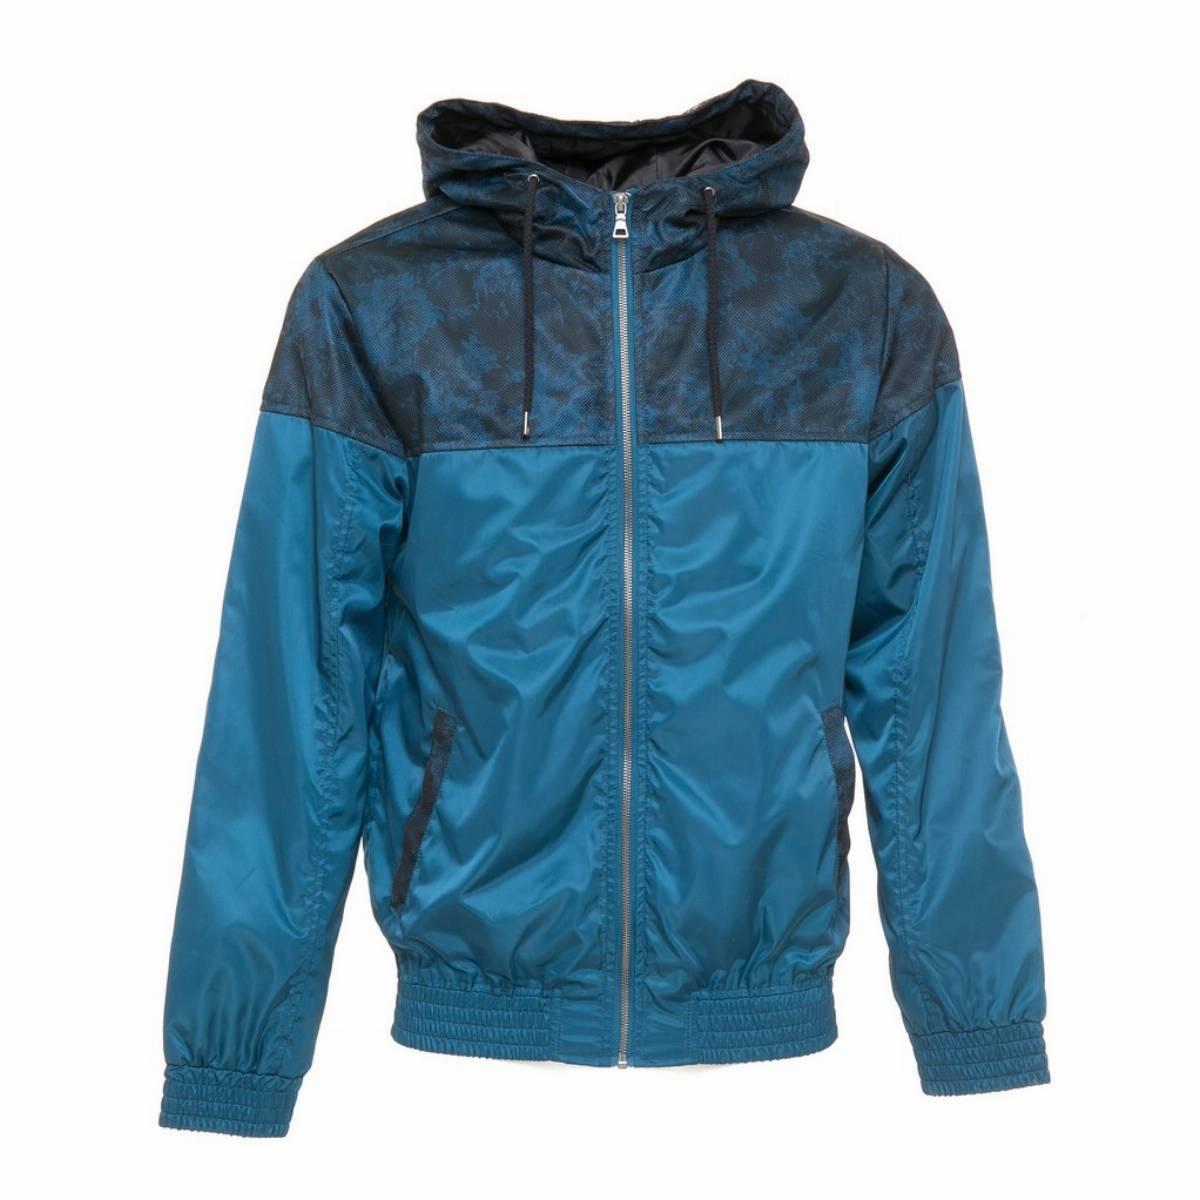 BIG_STAR_SS16_repus_jacket_408_199,92PLN